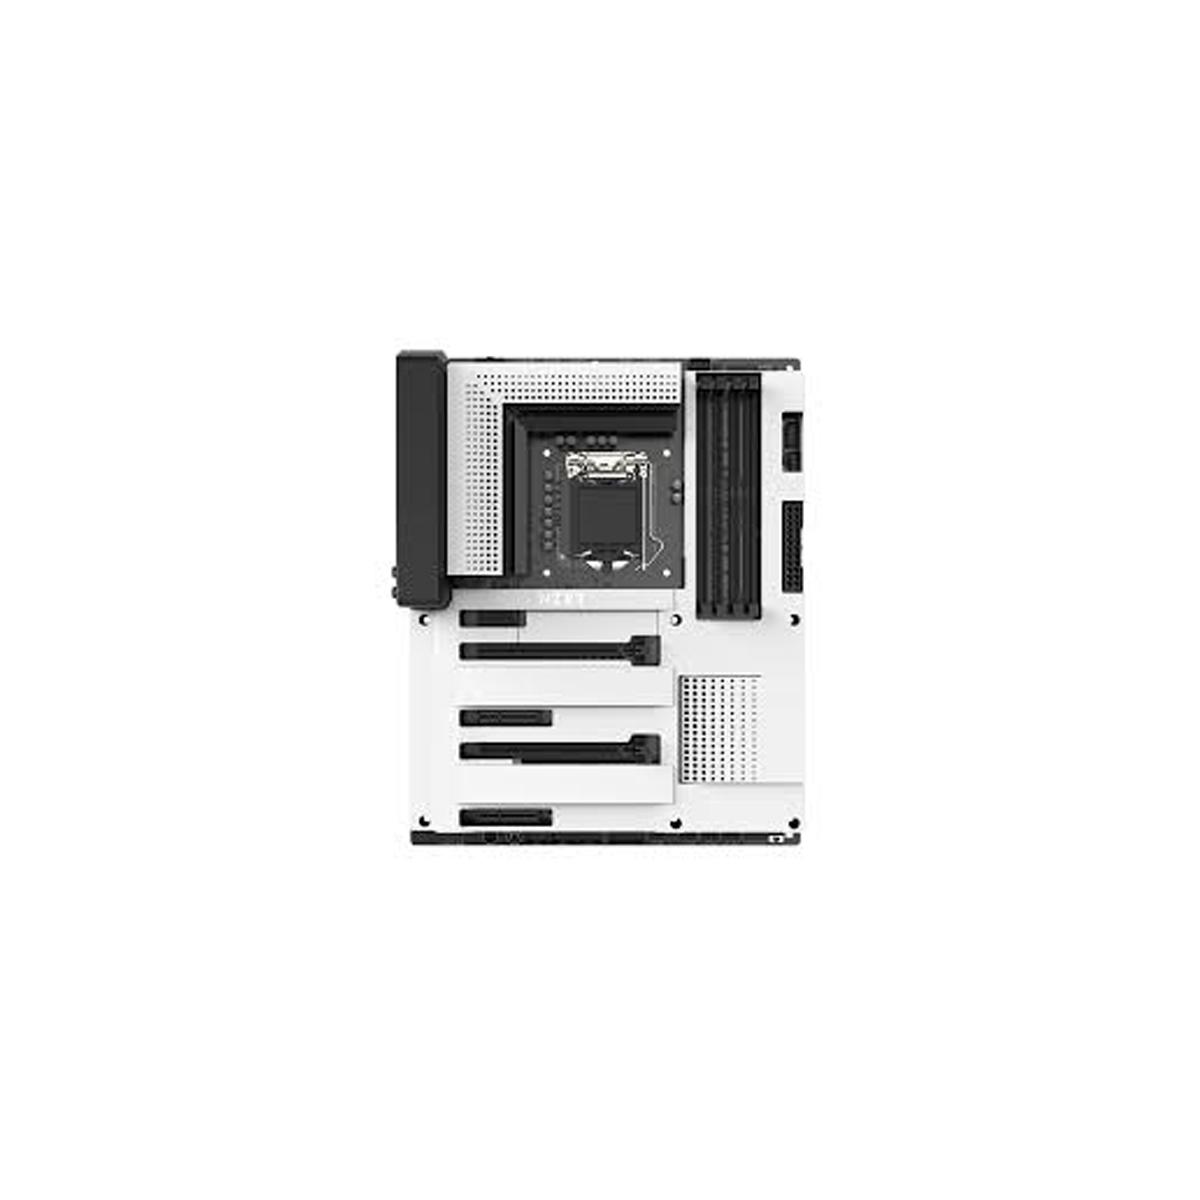 MB NZXT N7-Z37XT (MD2104) DDR4